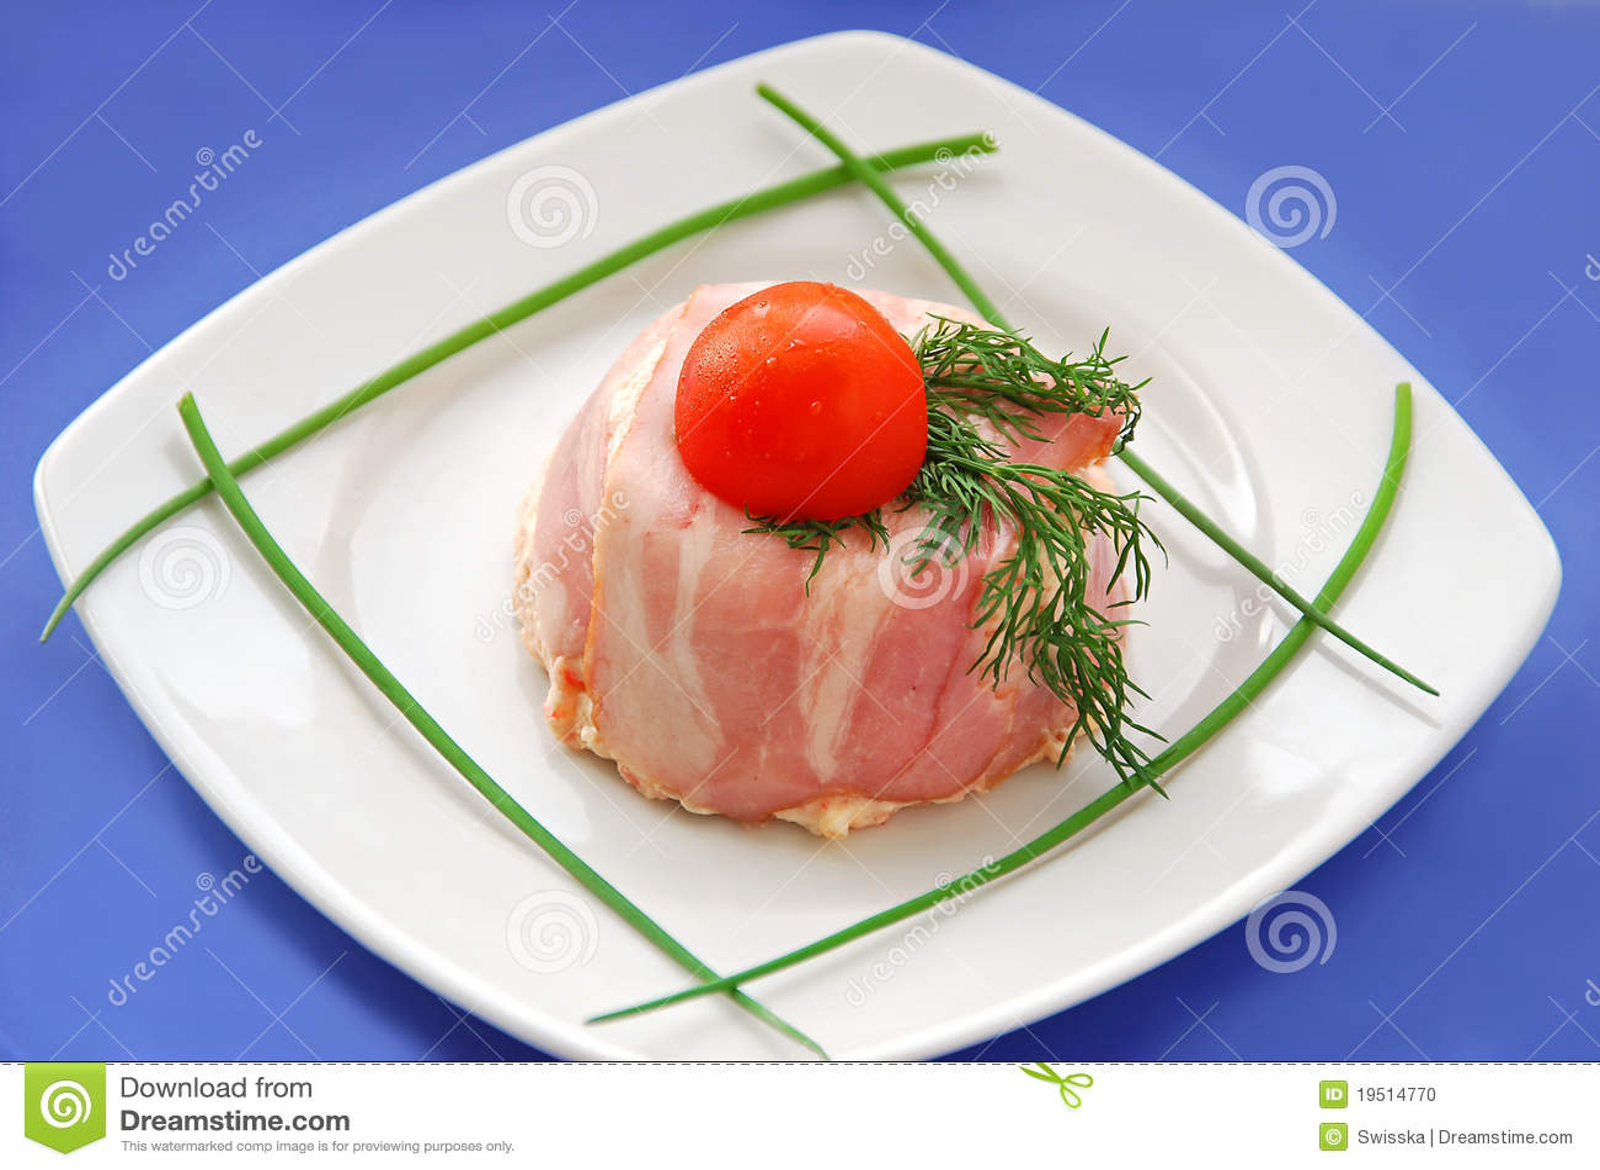 frans voorgerecht met vlees